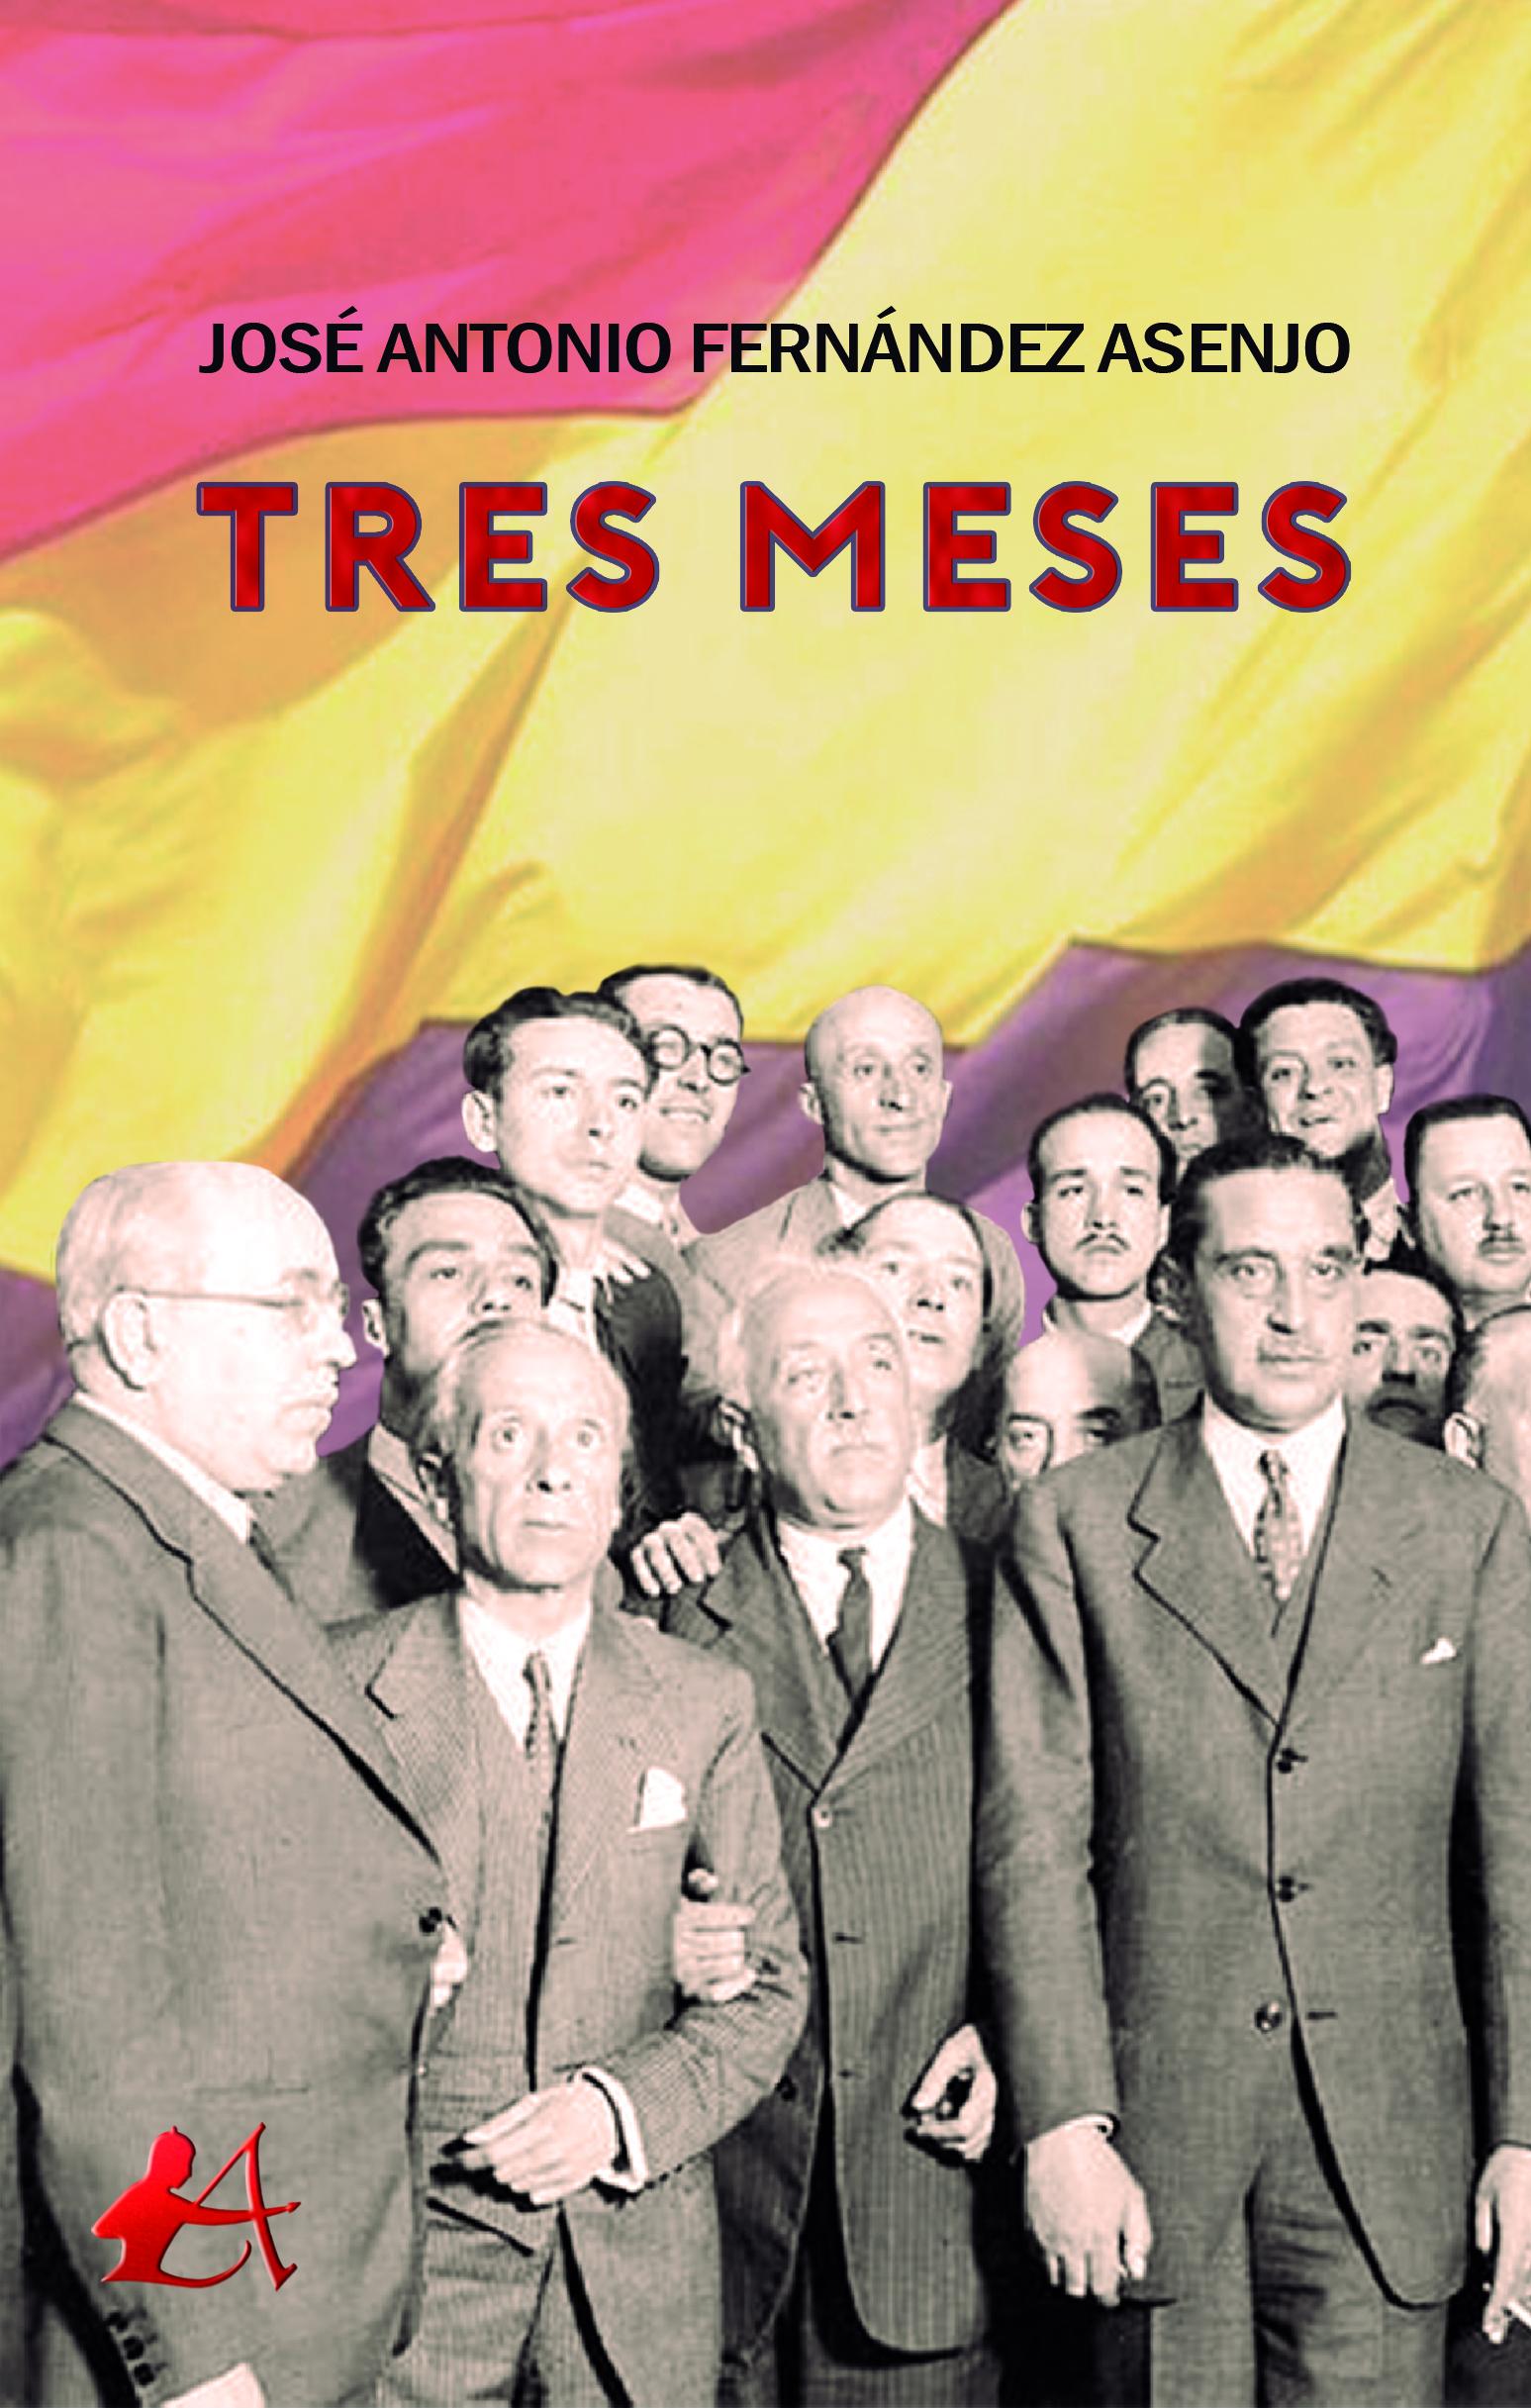 Portada del libro Los tres meses de José Antonio Fernández Asenjo. Editorial Adarve, Escritores de hoy